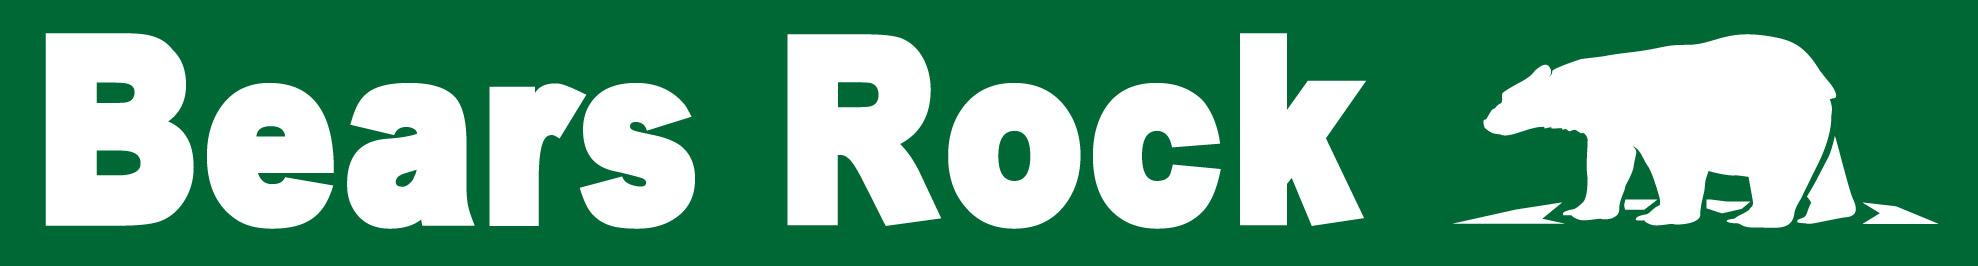 ベアーズロックのロゴ